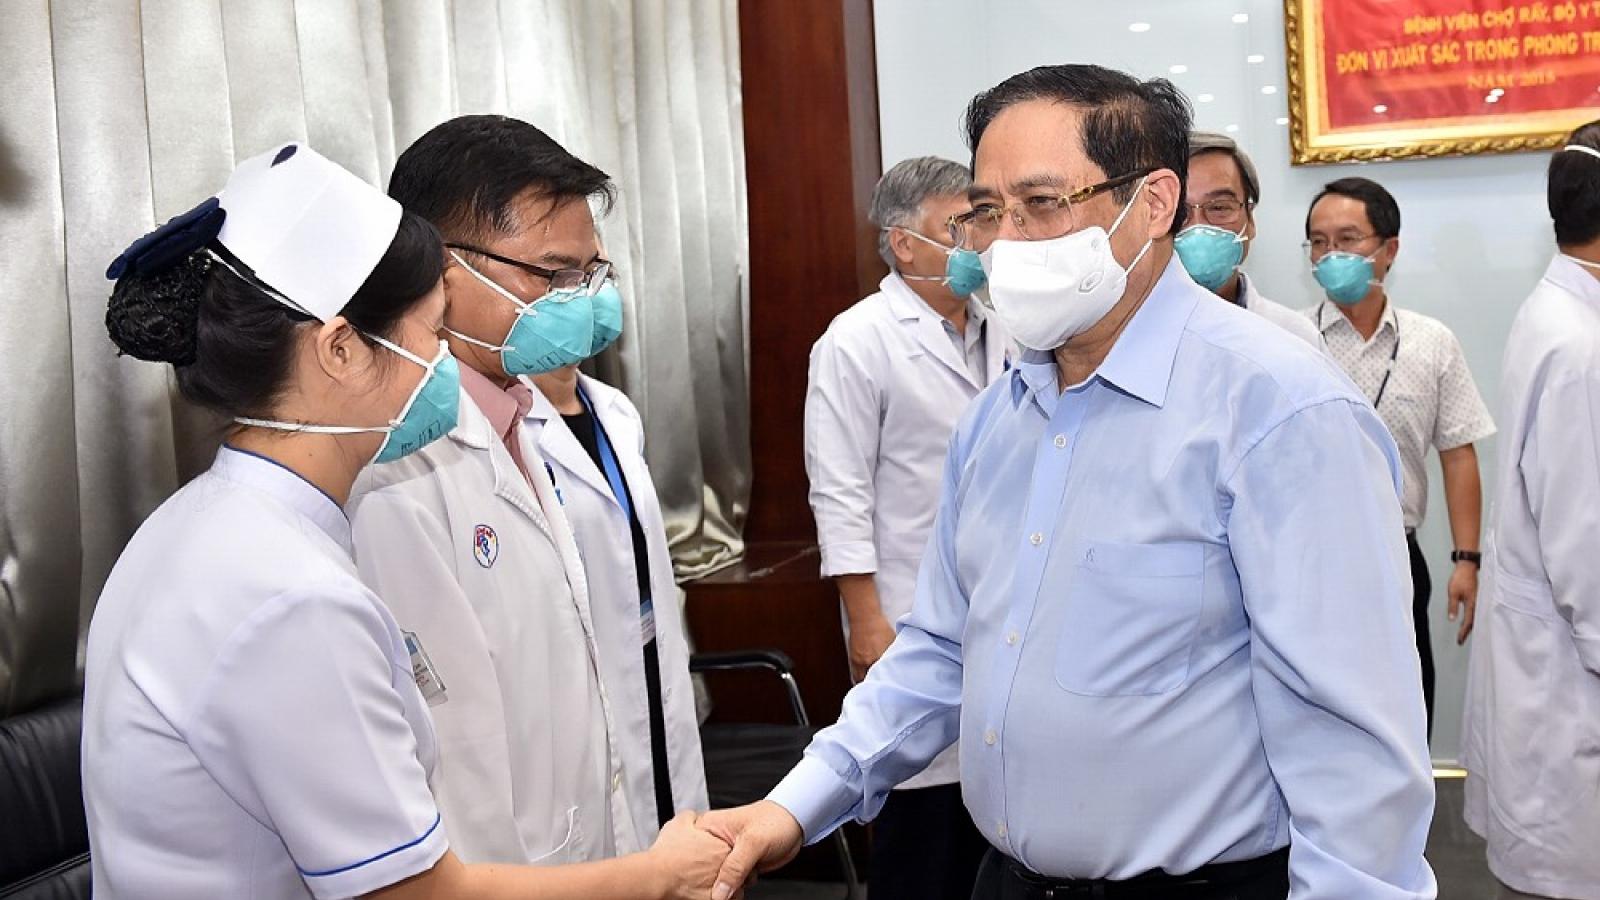 Thủ tướng: Đội ngũ y bác sĩ đã thể hiện cao độ lòng yêu nước, tinh thần trách nhiệm